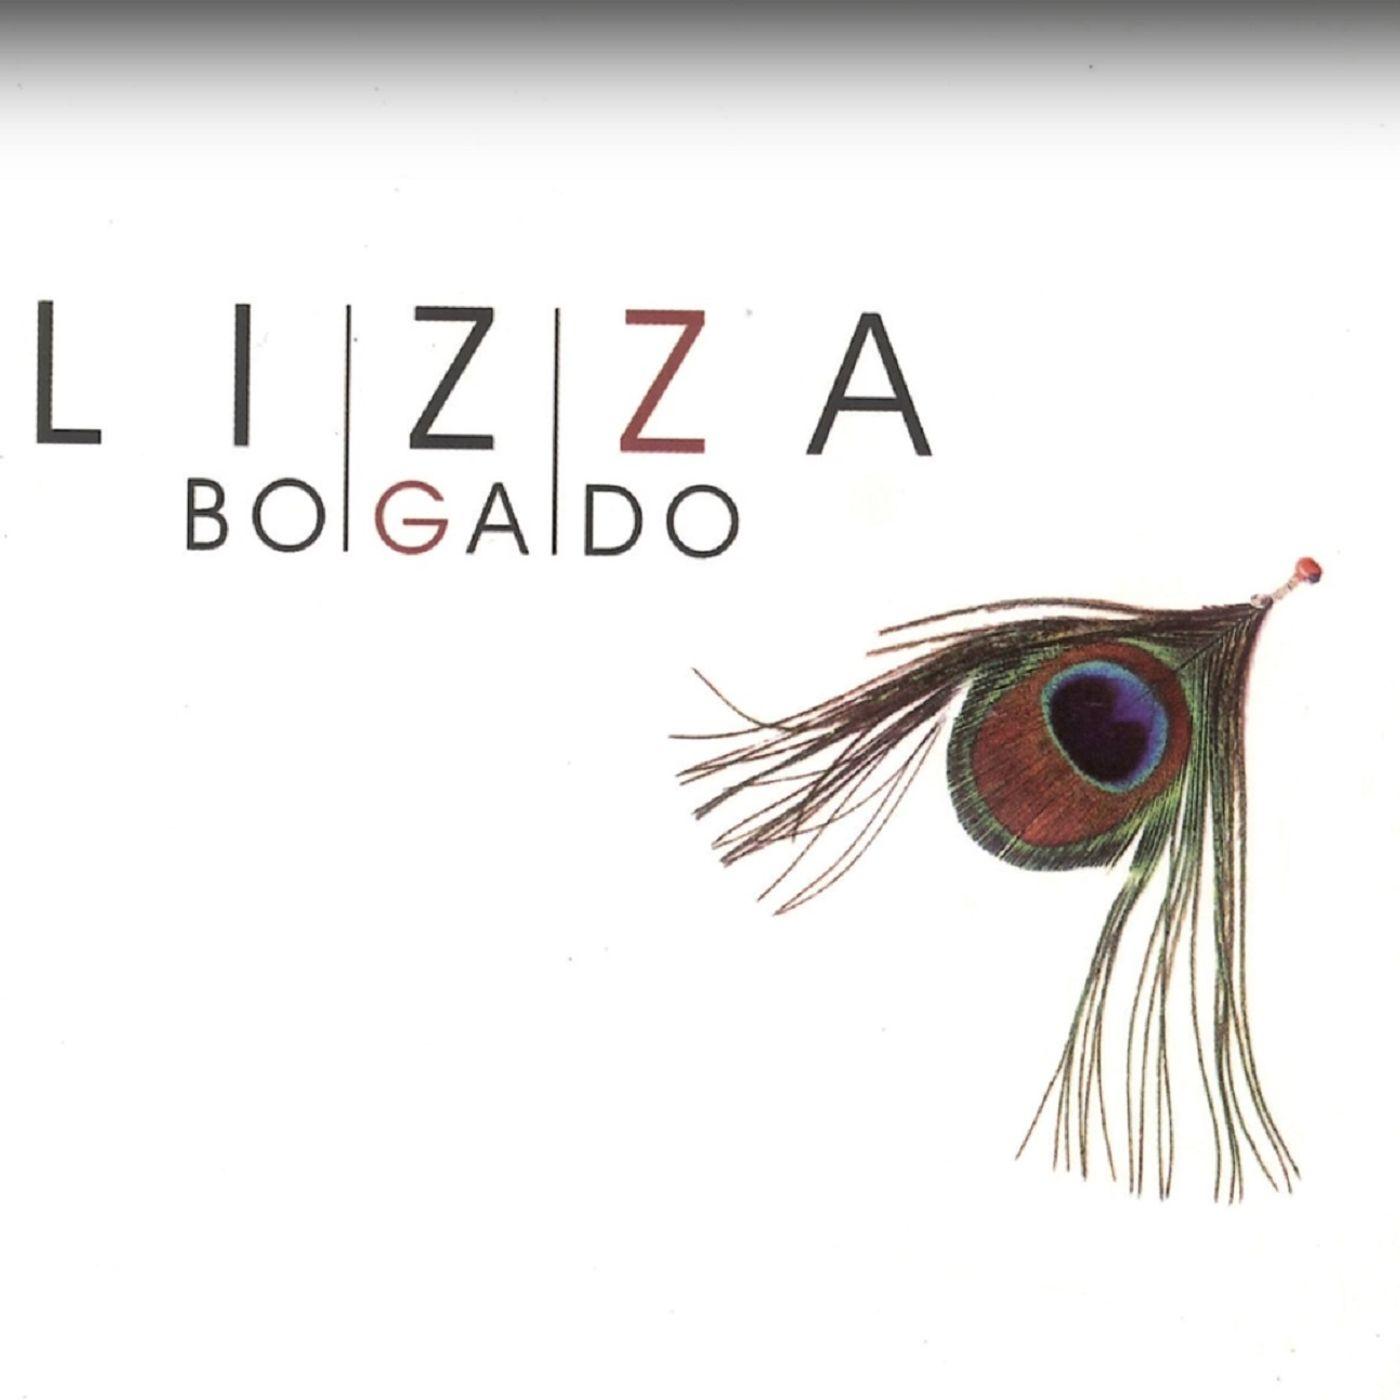 Programa Voces Lizza Bogado - CD Sueño guaraní (Agosto de 2007)